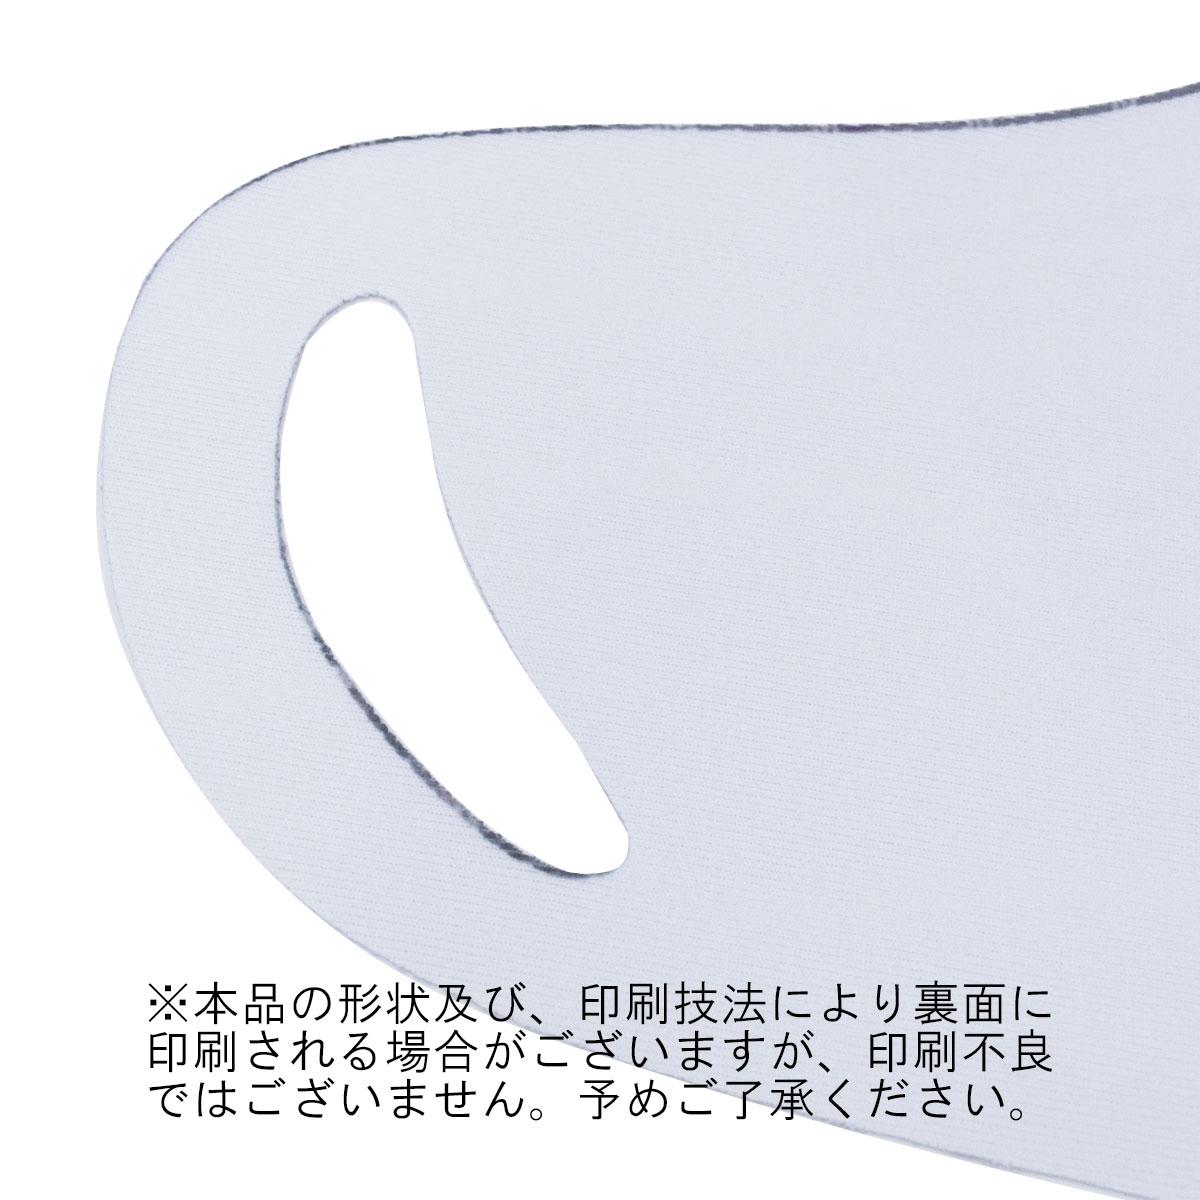 オリジナルエアマスク